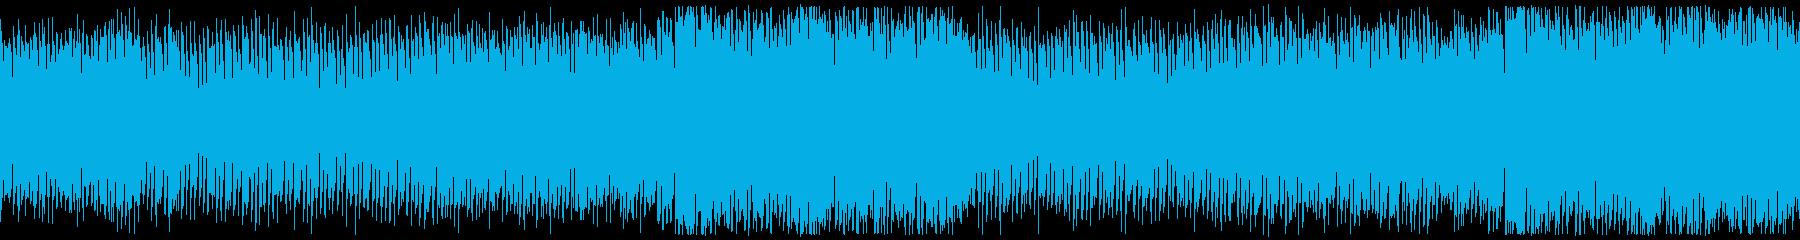 低音のビートが効いたテクノサウンドの再生済みの波形